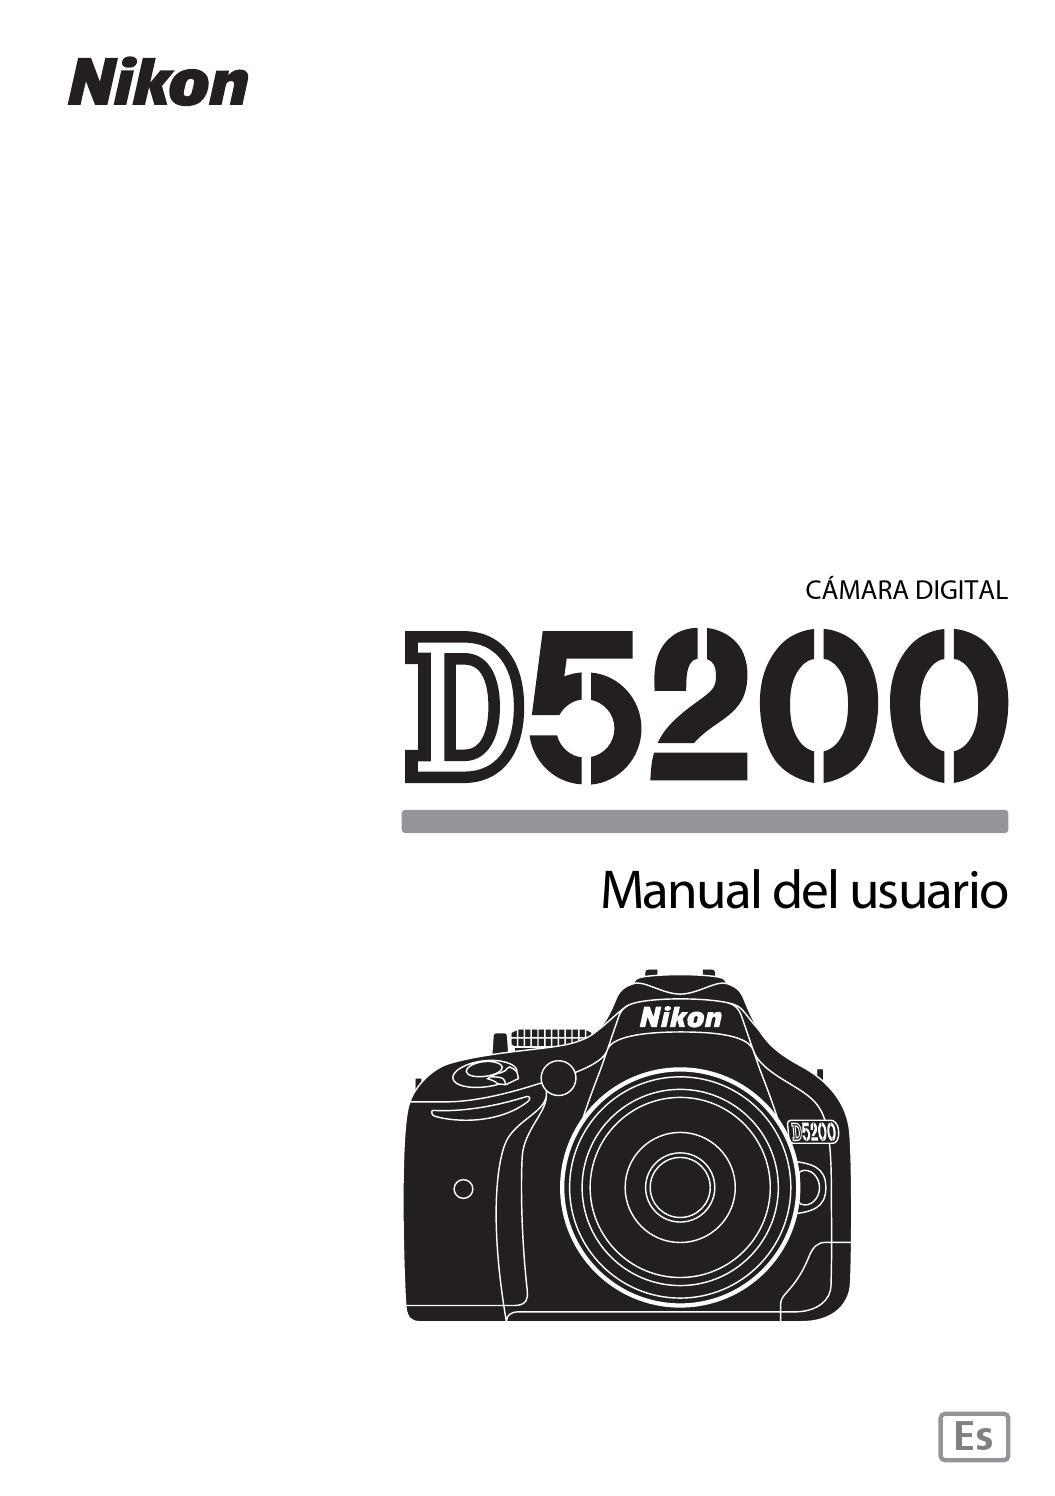 Manual nikon d5200 by CapriaTV Fotografía - issuu